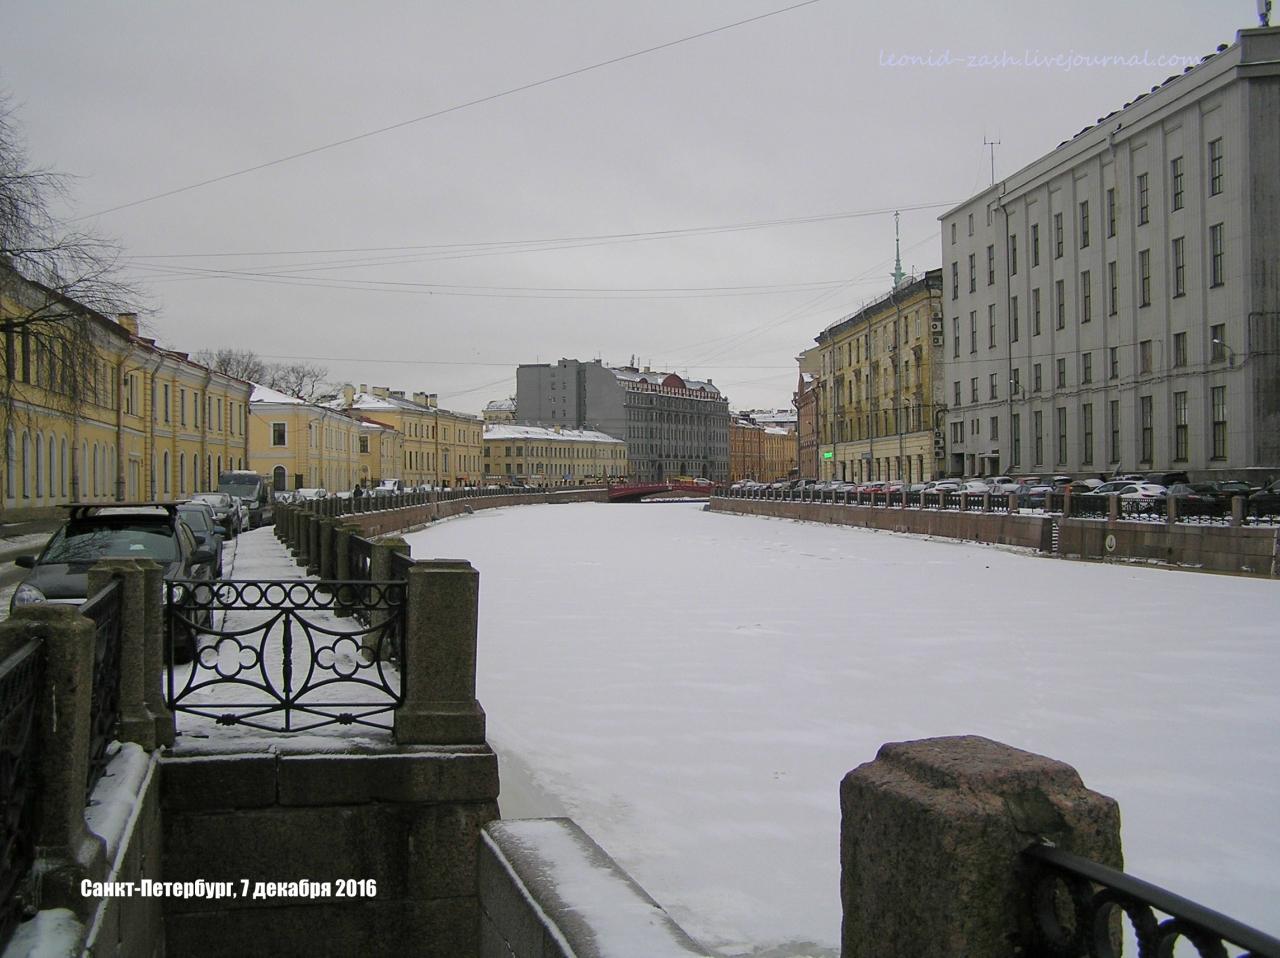 Санкт-Петербург 07.JPG